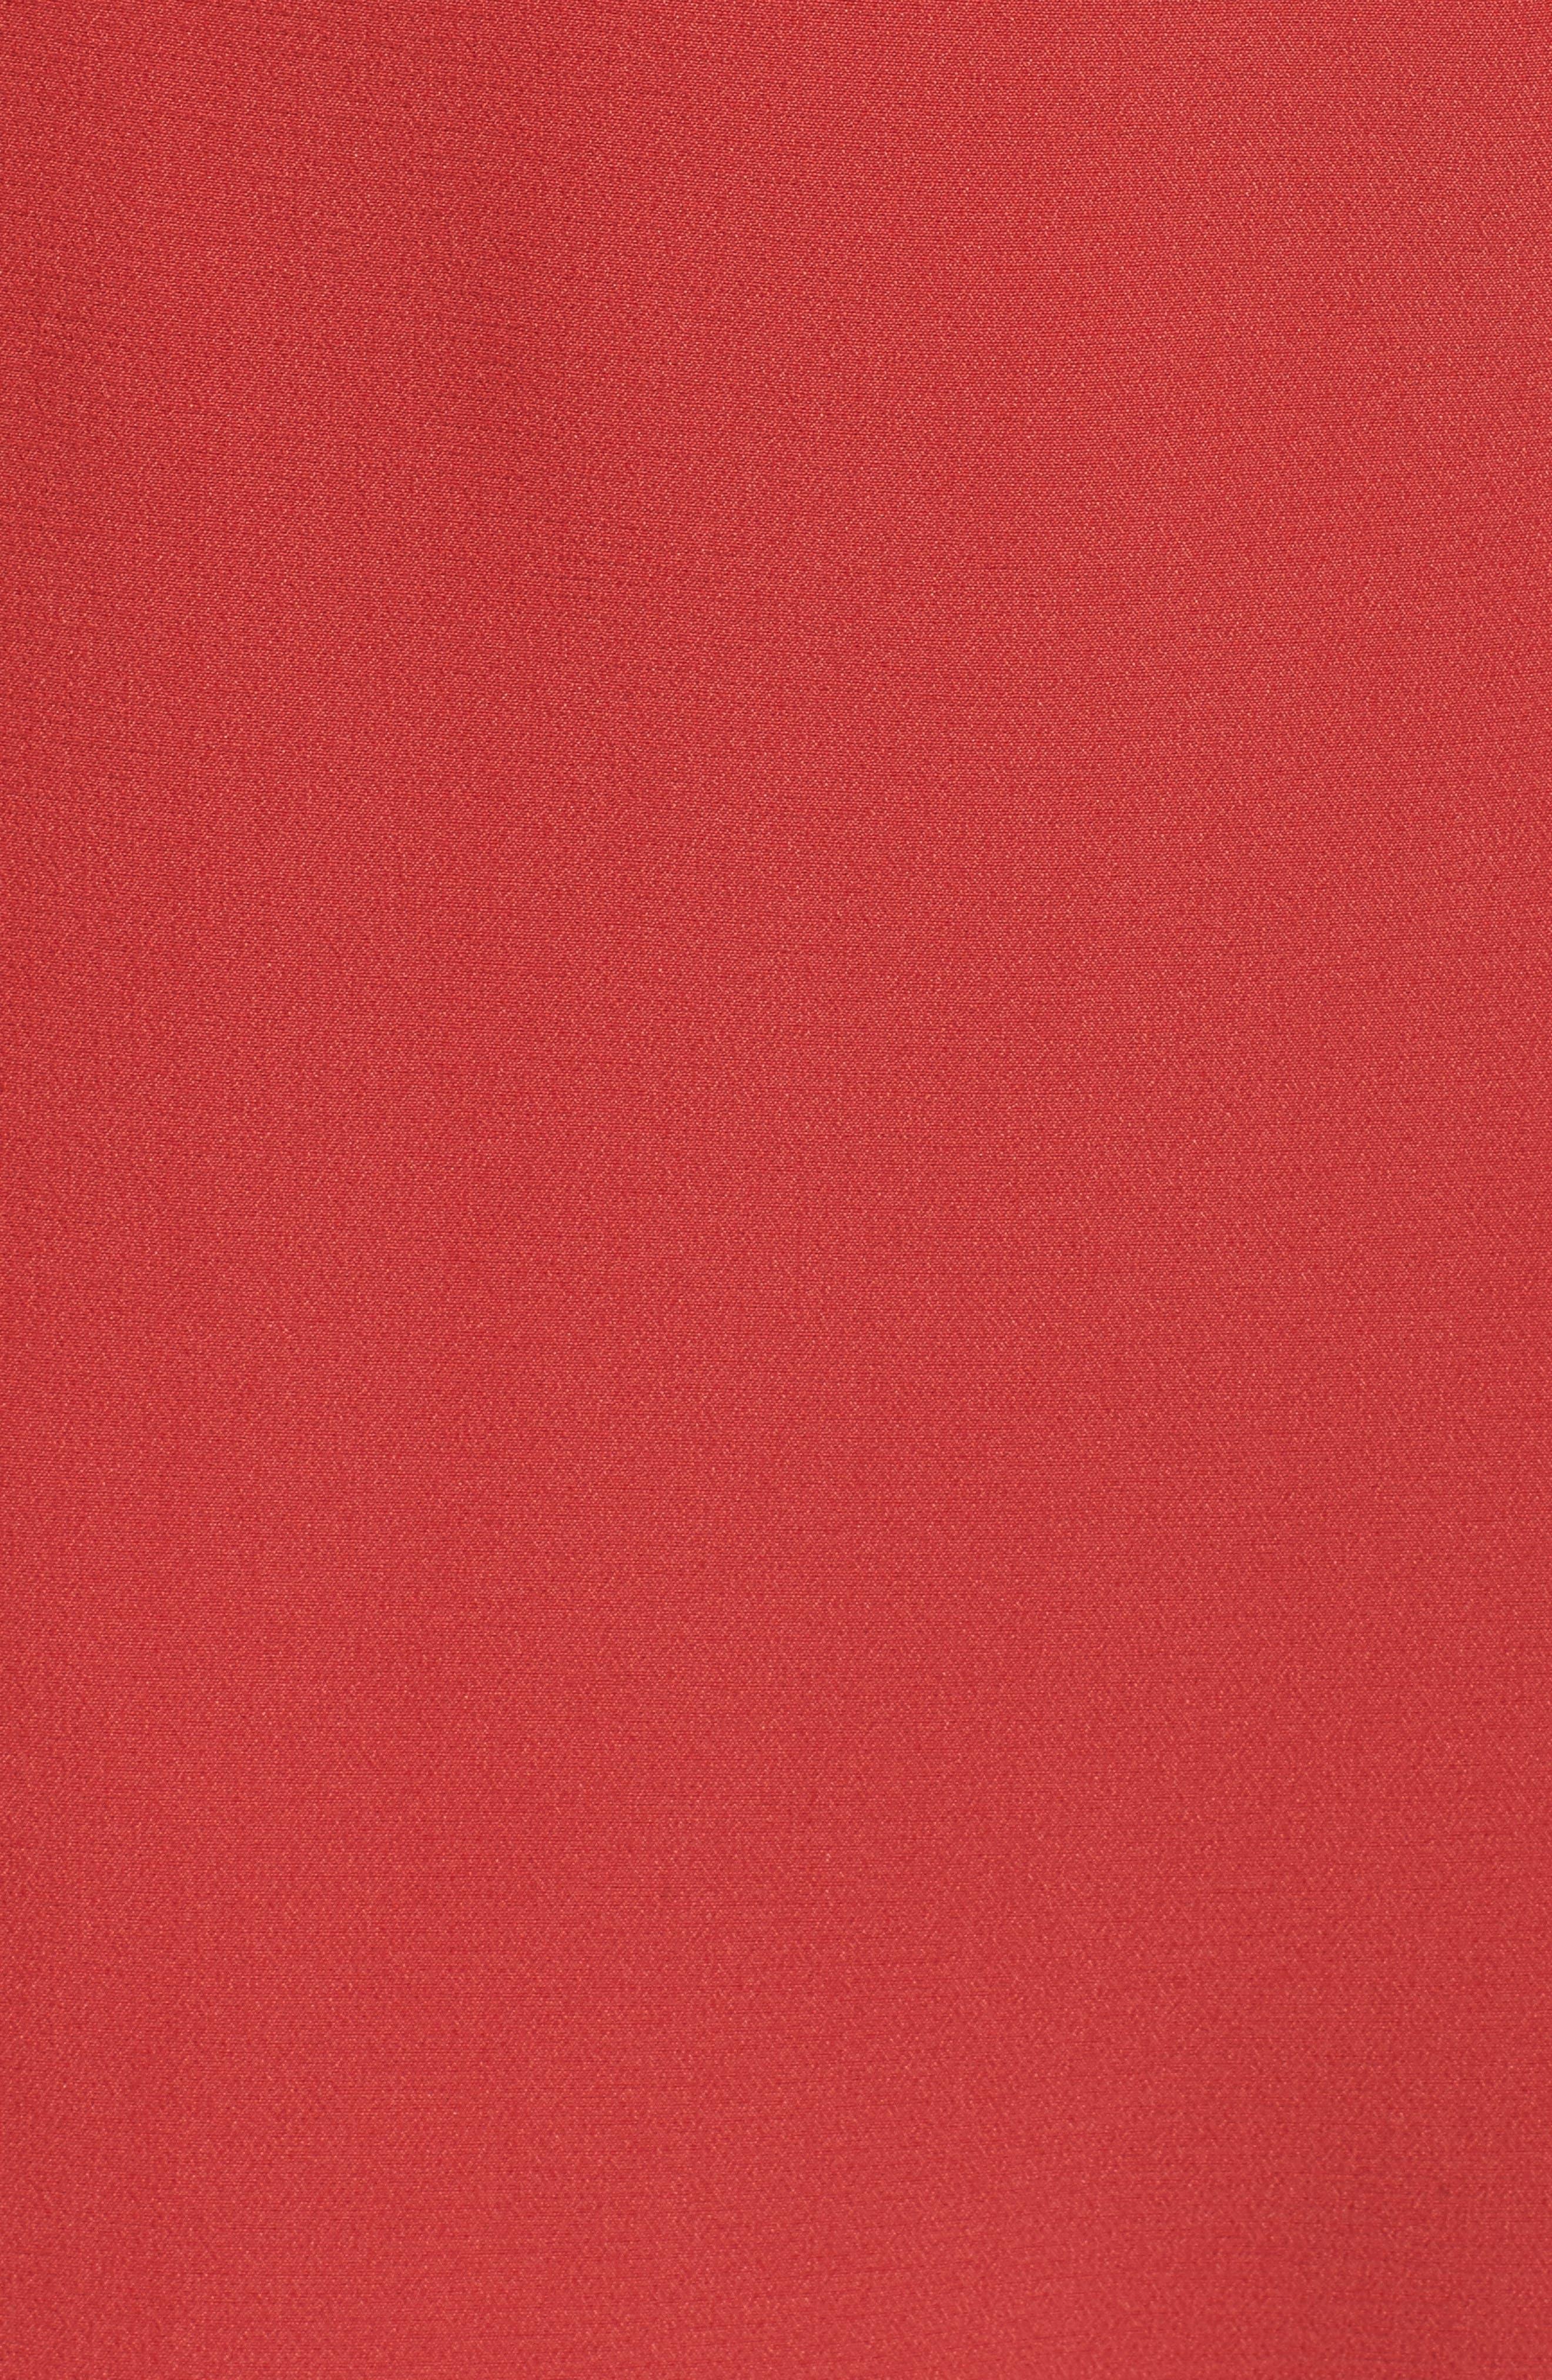 Infinite Strapless Dress,                             Alternate thumbnail 5, color,                             621